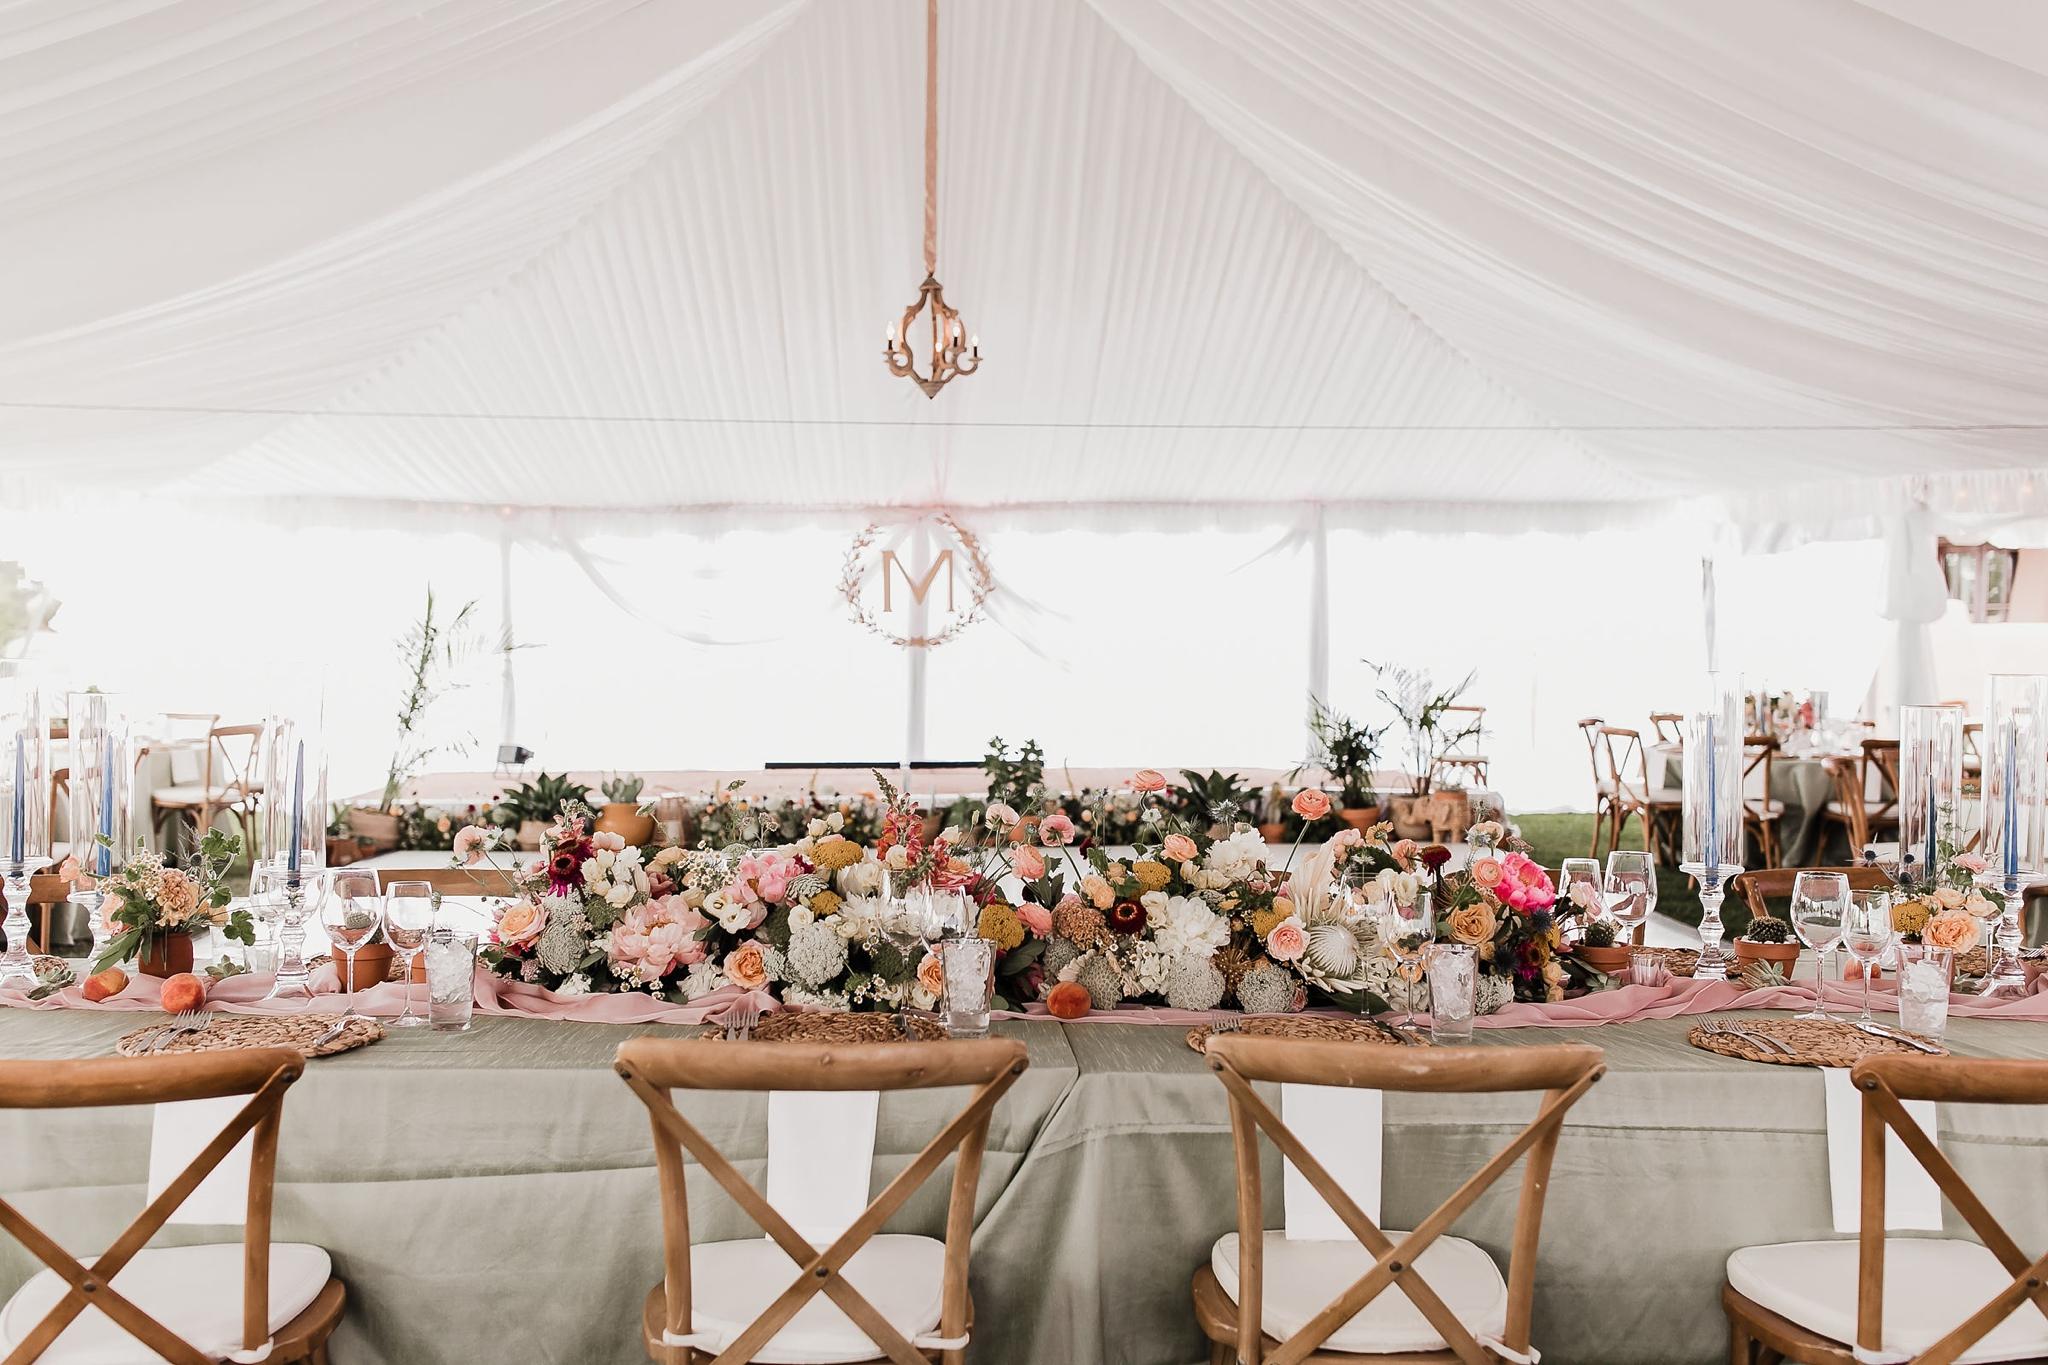 Alicia+lucia+photography+-+albuquerque+wedding+photographer+-+santa+fe+wedding+photography+-+new+mexico+wedding+photographer+-+new+mexico+wedding+-+summer+wedding+-+summer+wedding+florals+-+southwest+wedding_0081.jpg